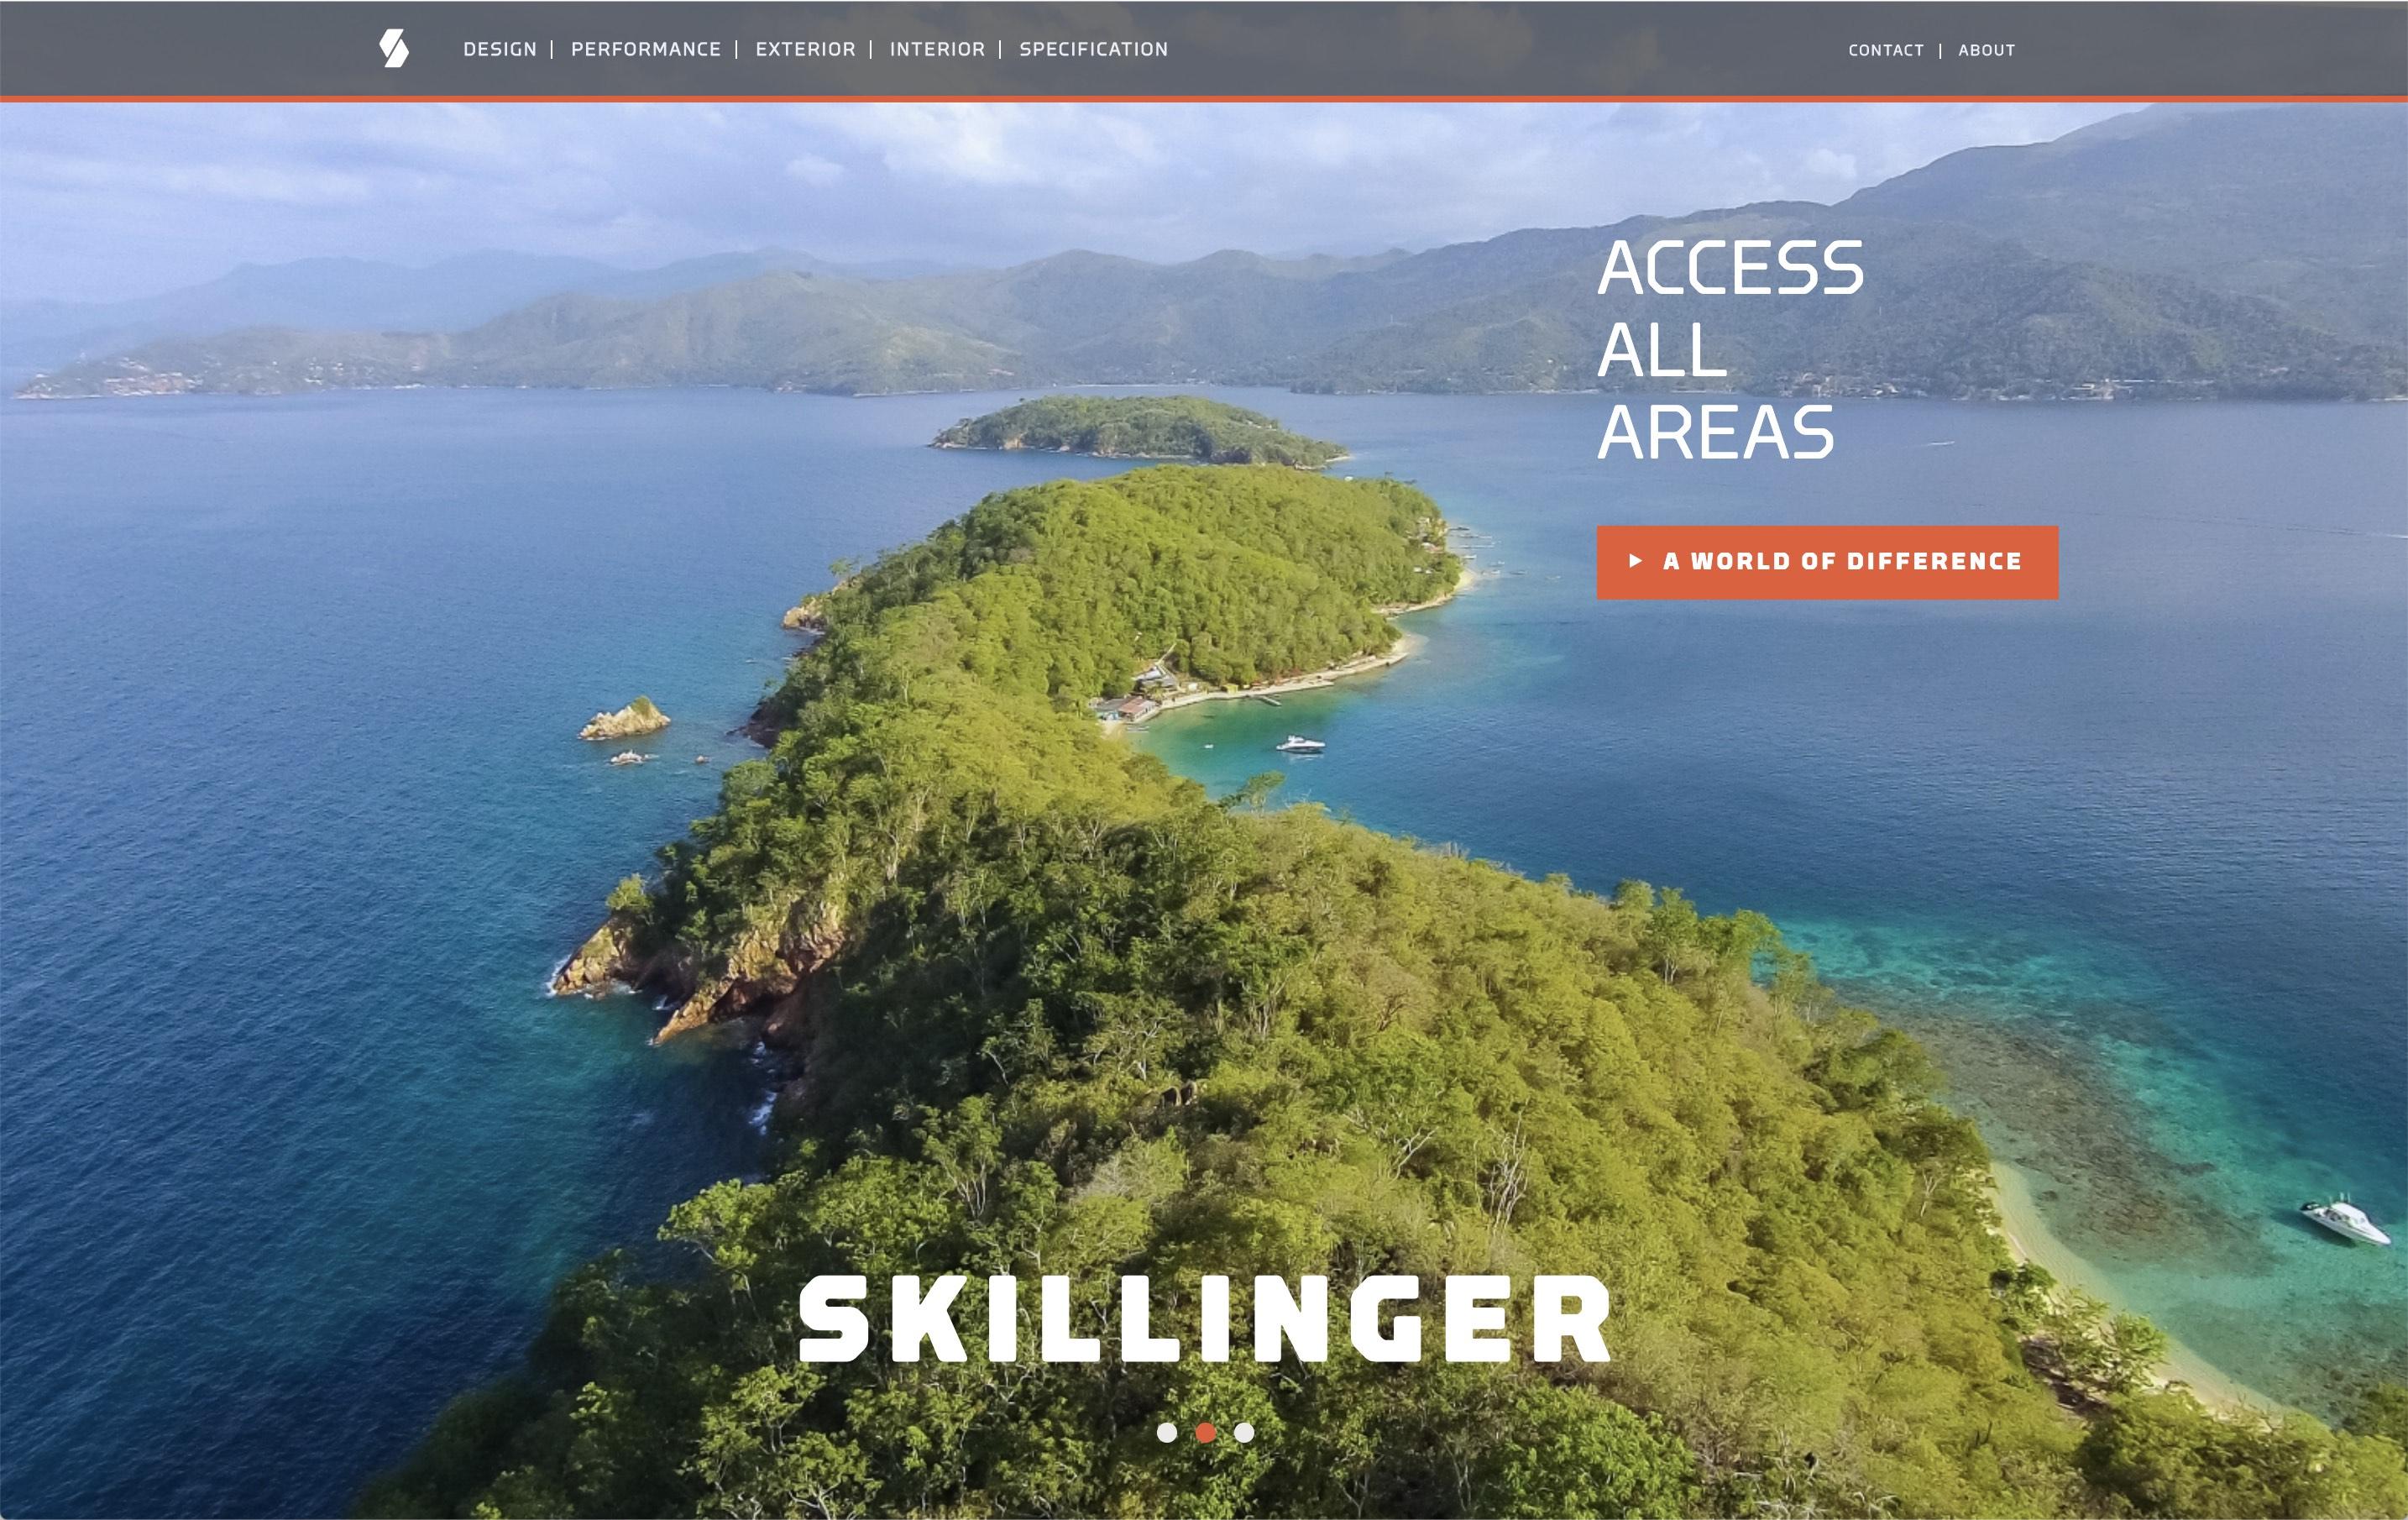 Skillinger website - Hero shot